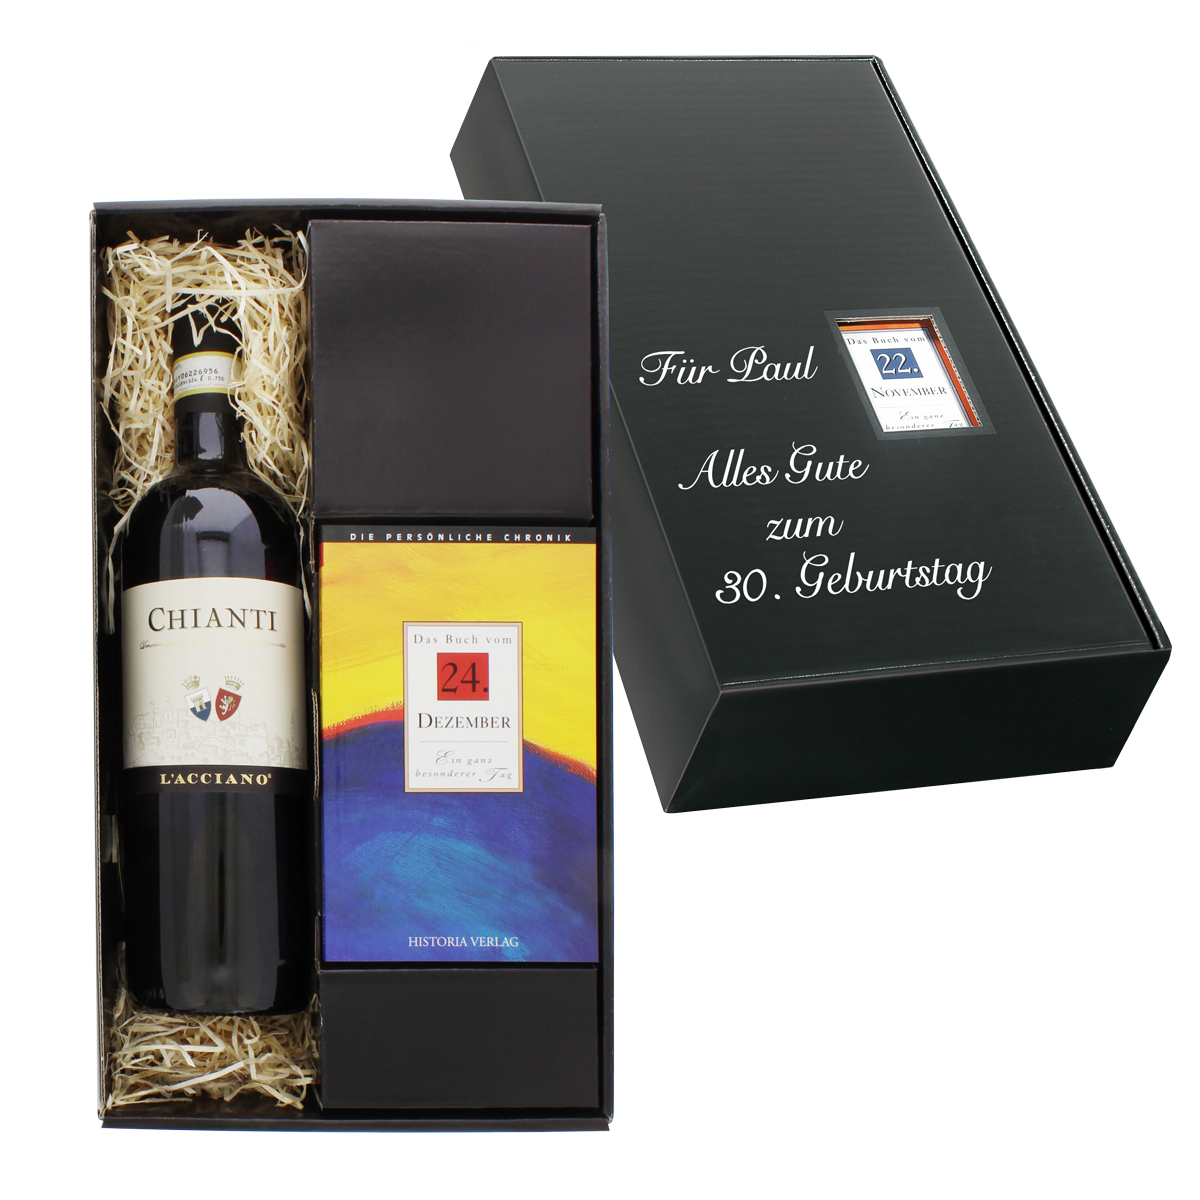 Italien-Set: Tageschronik vom 15. Oktober & Chianti-Wein